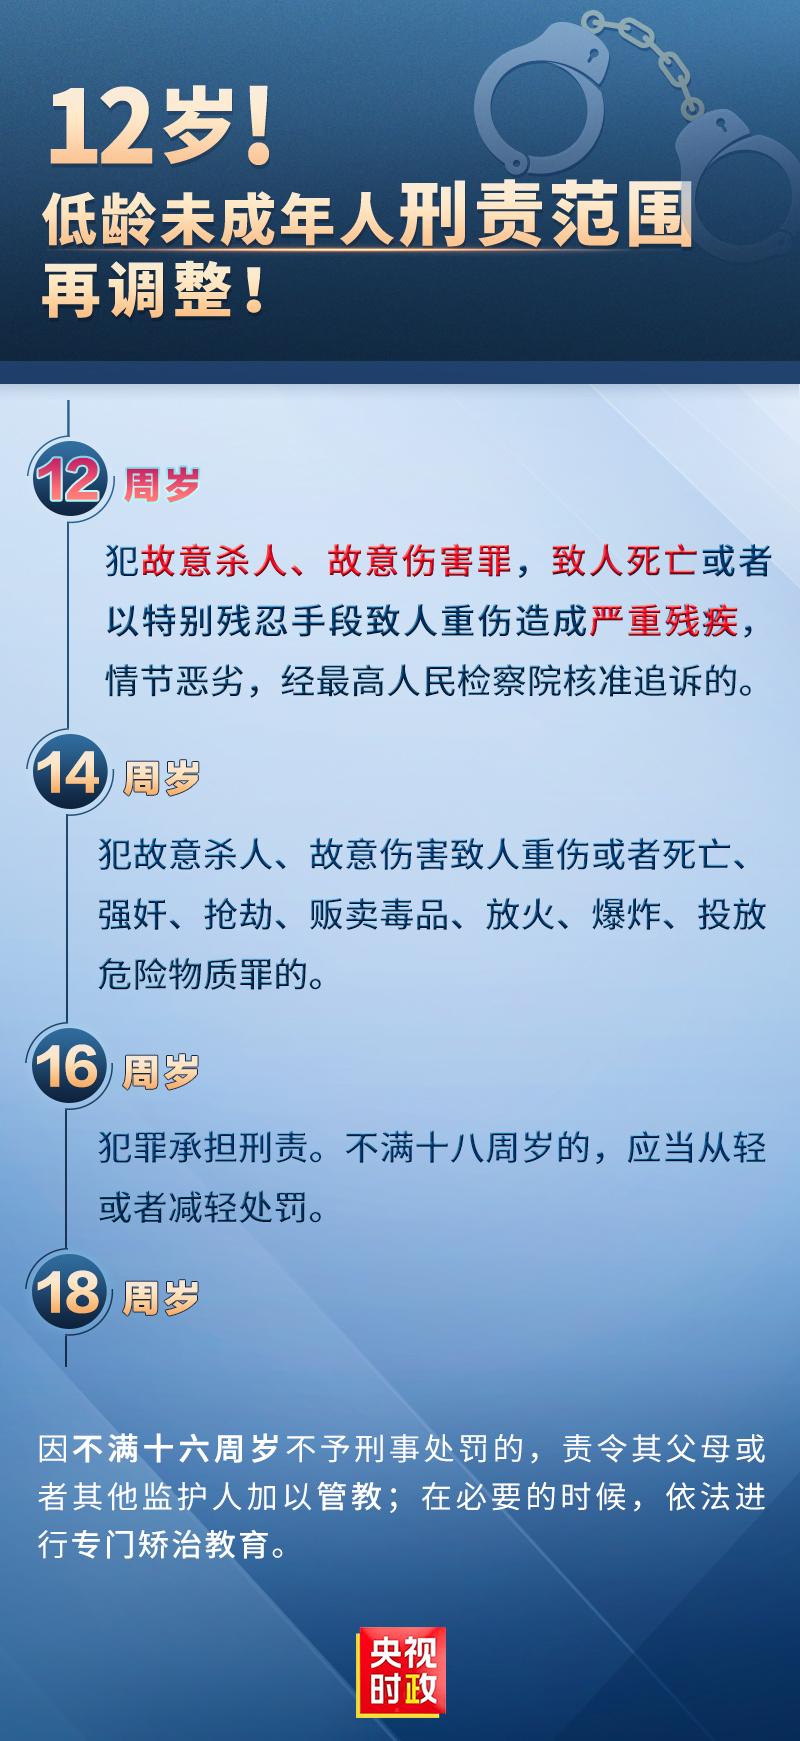 豆豆言情小说网_麻辣女兵2之小米加步枪_松金洋